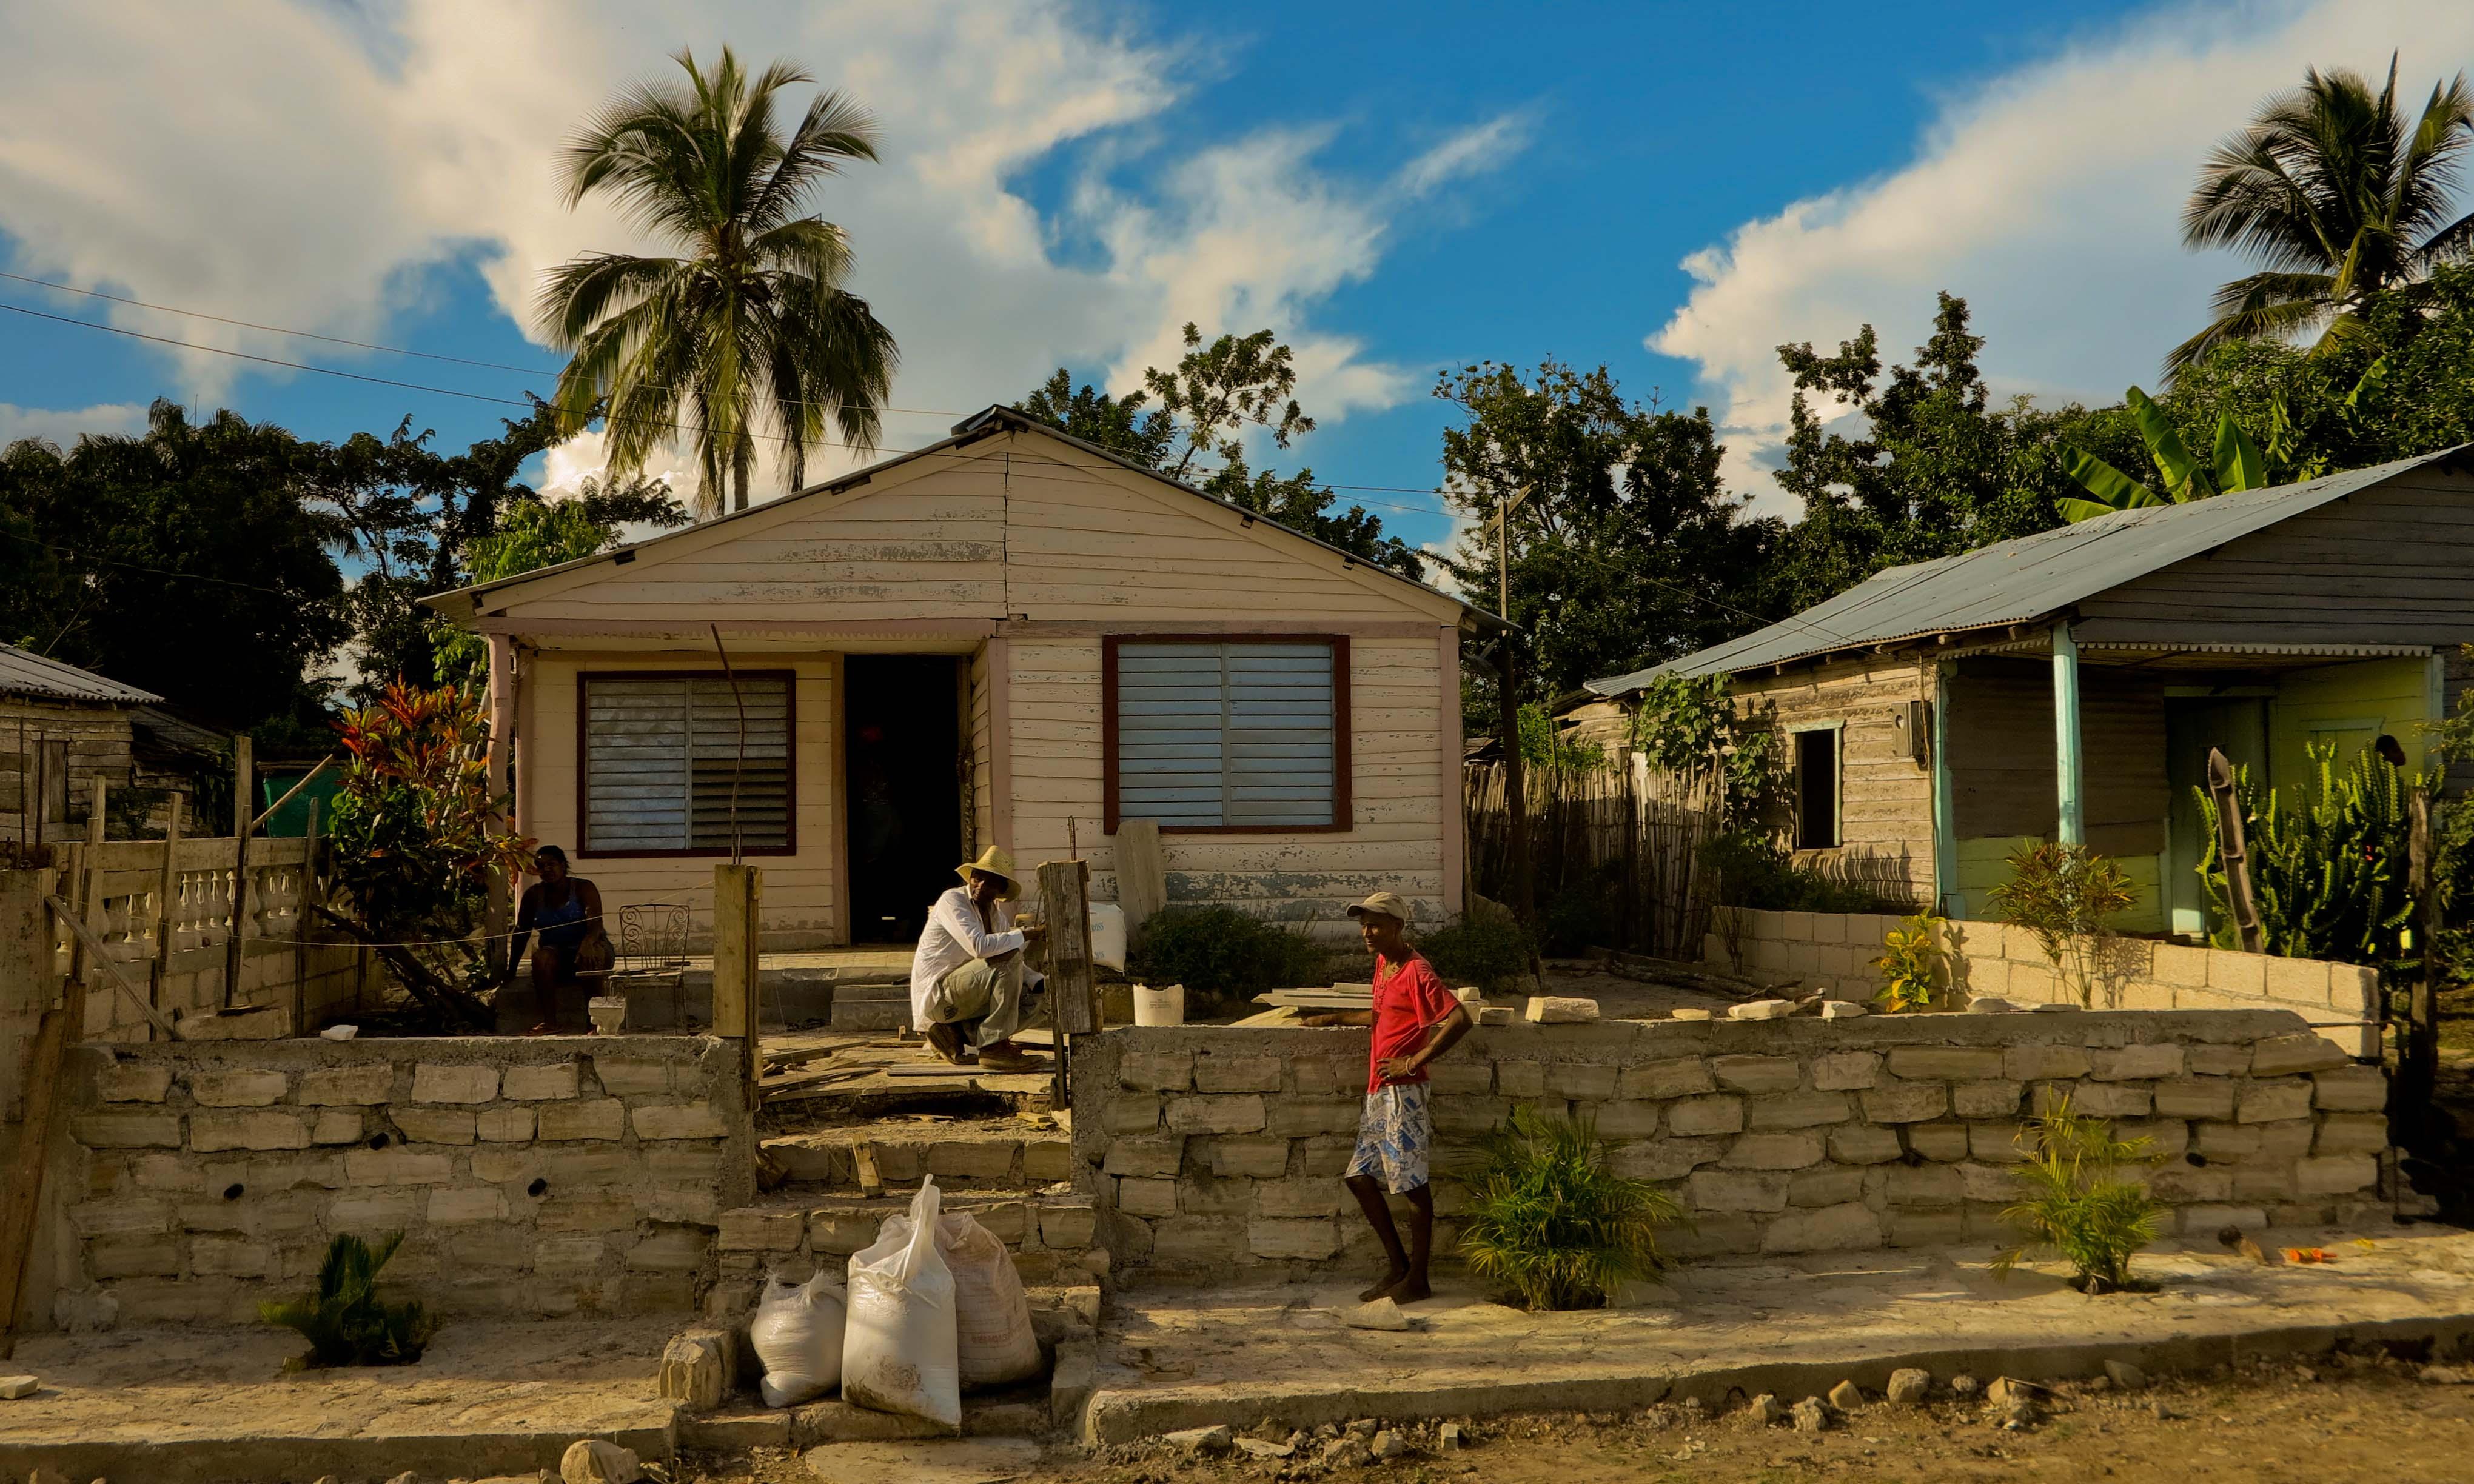 Habitantes de Jutinicú todavía reconstruyen sus casas (Foto: Mónica Baró)